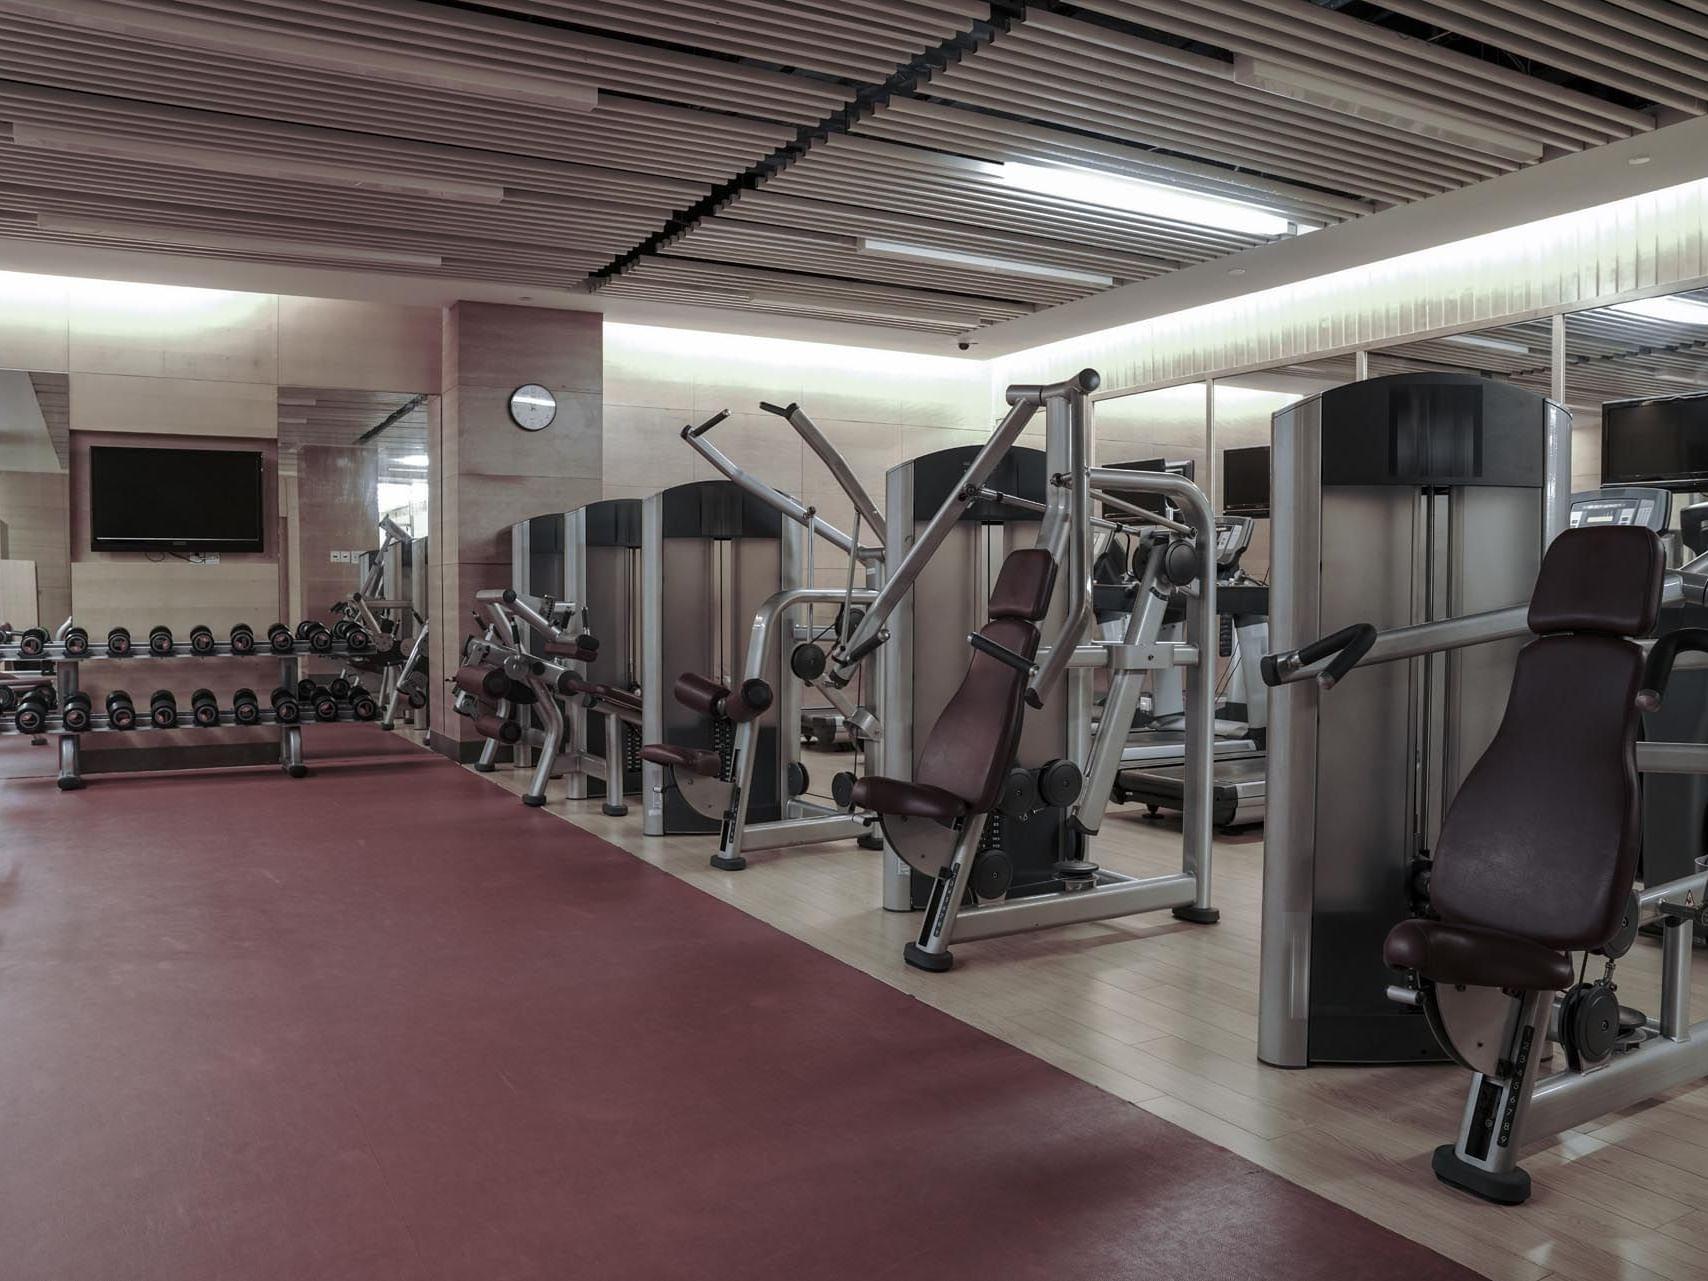 gym at Precise Resort Marina Wolfsbruch